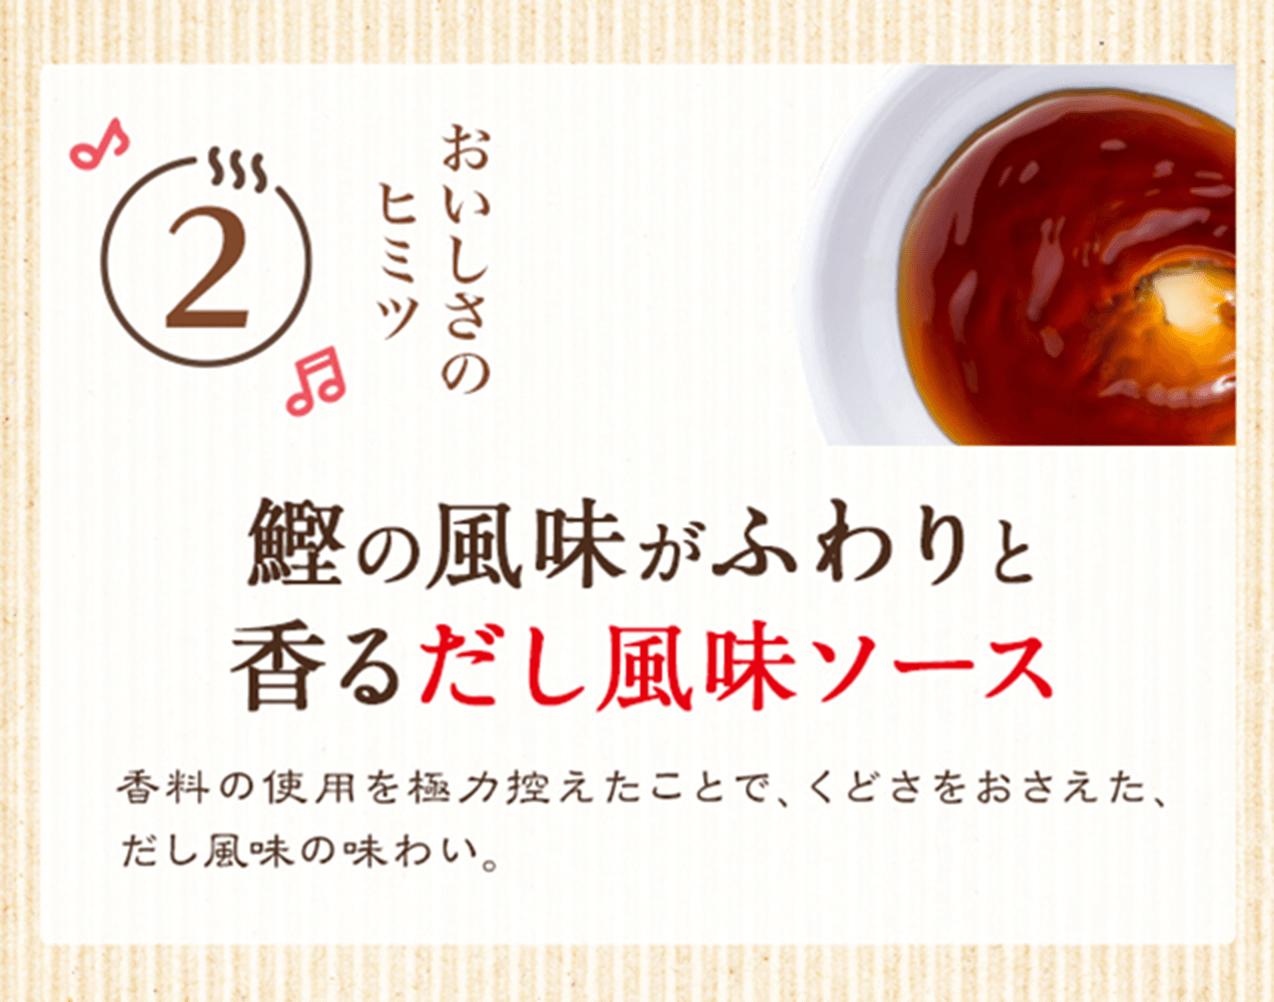 おいしさのヒミツ2 鰹の風味がふわりと香るだし風味ソース 香料の使用を極力控えたことで、くどさをおさえた、だし風味の味わい。